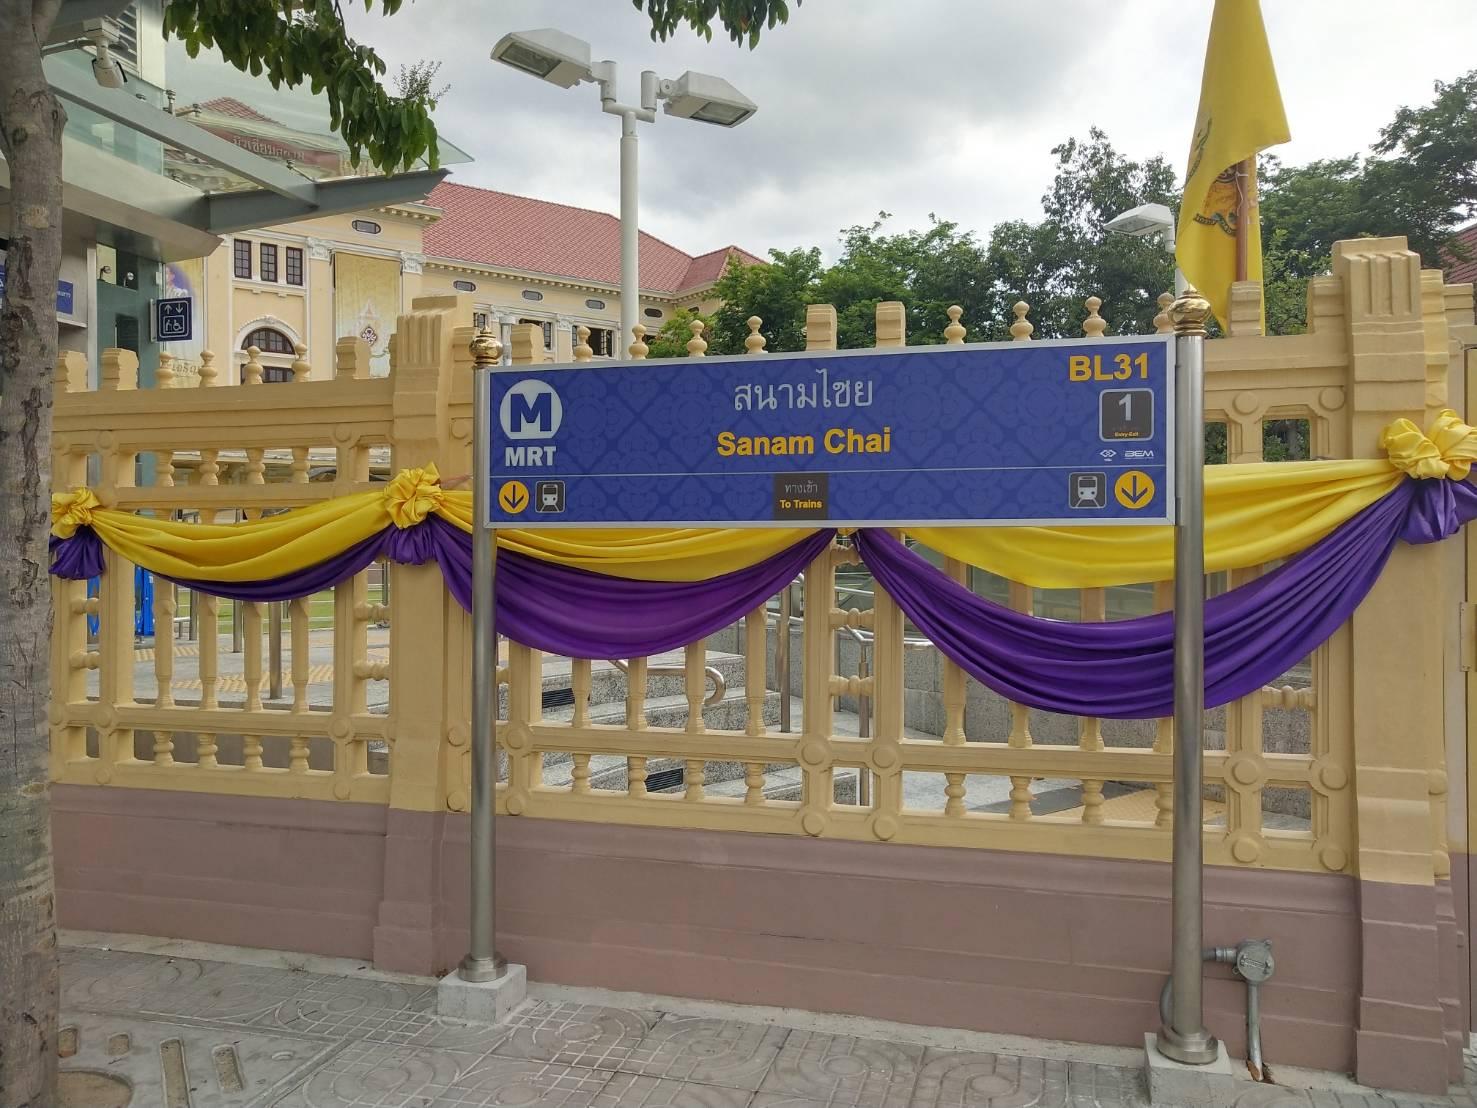 MRT Sanam Chai  - Exit 1